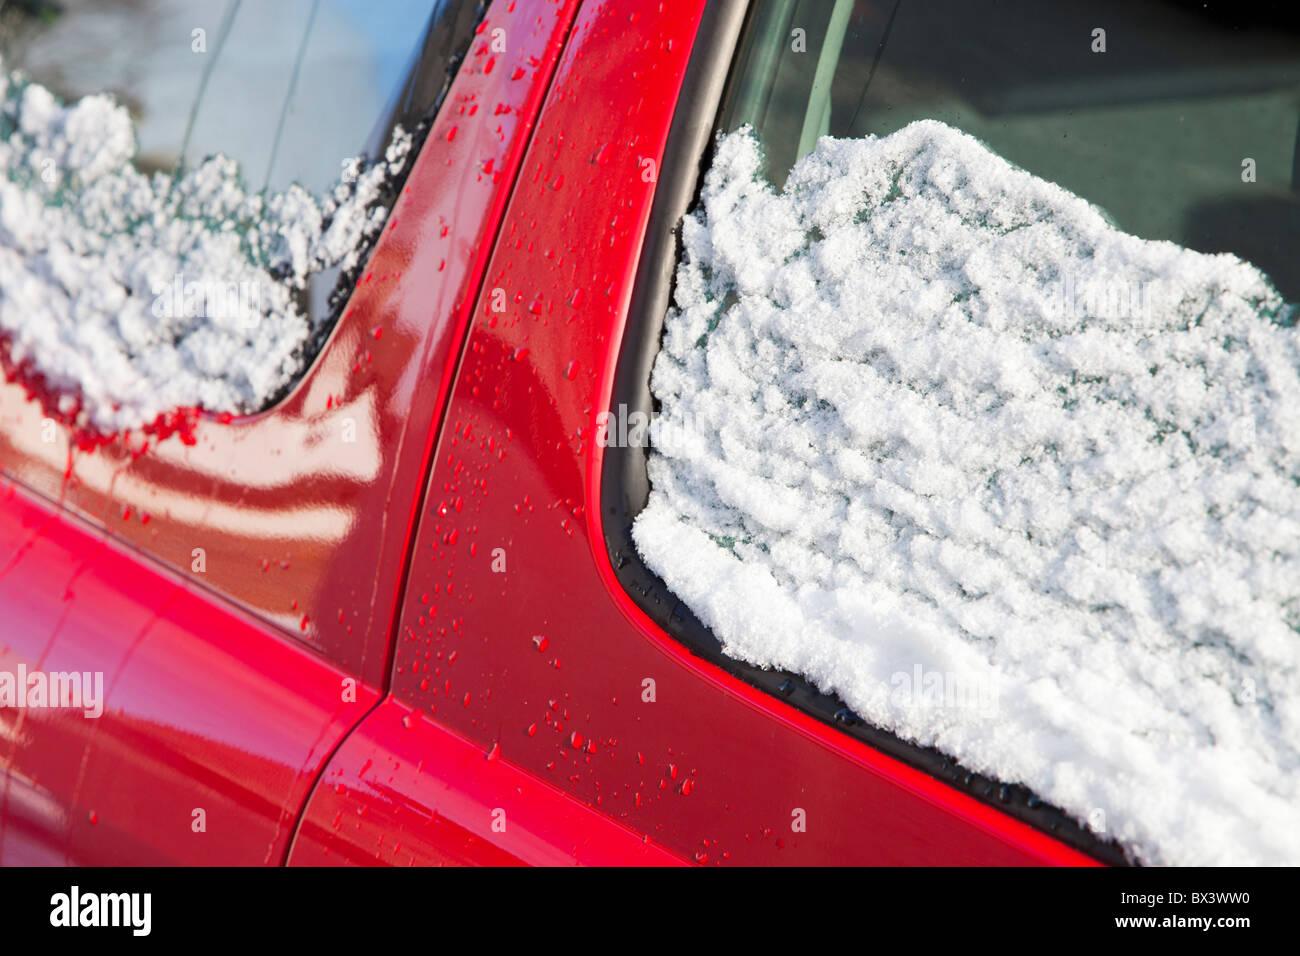 Schmelzender Schnee auf ein Auto. Stockbild